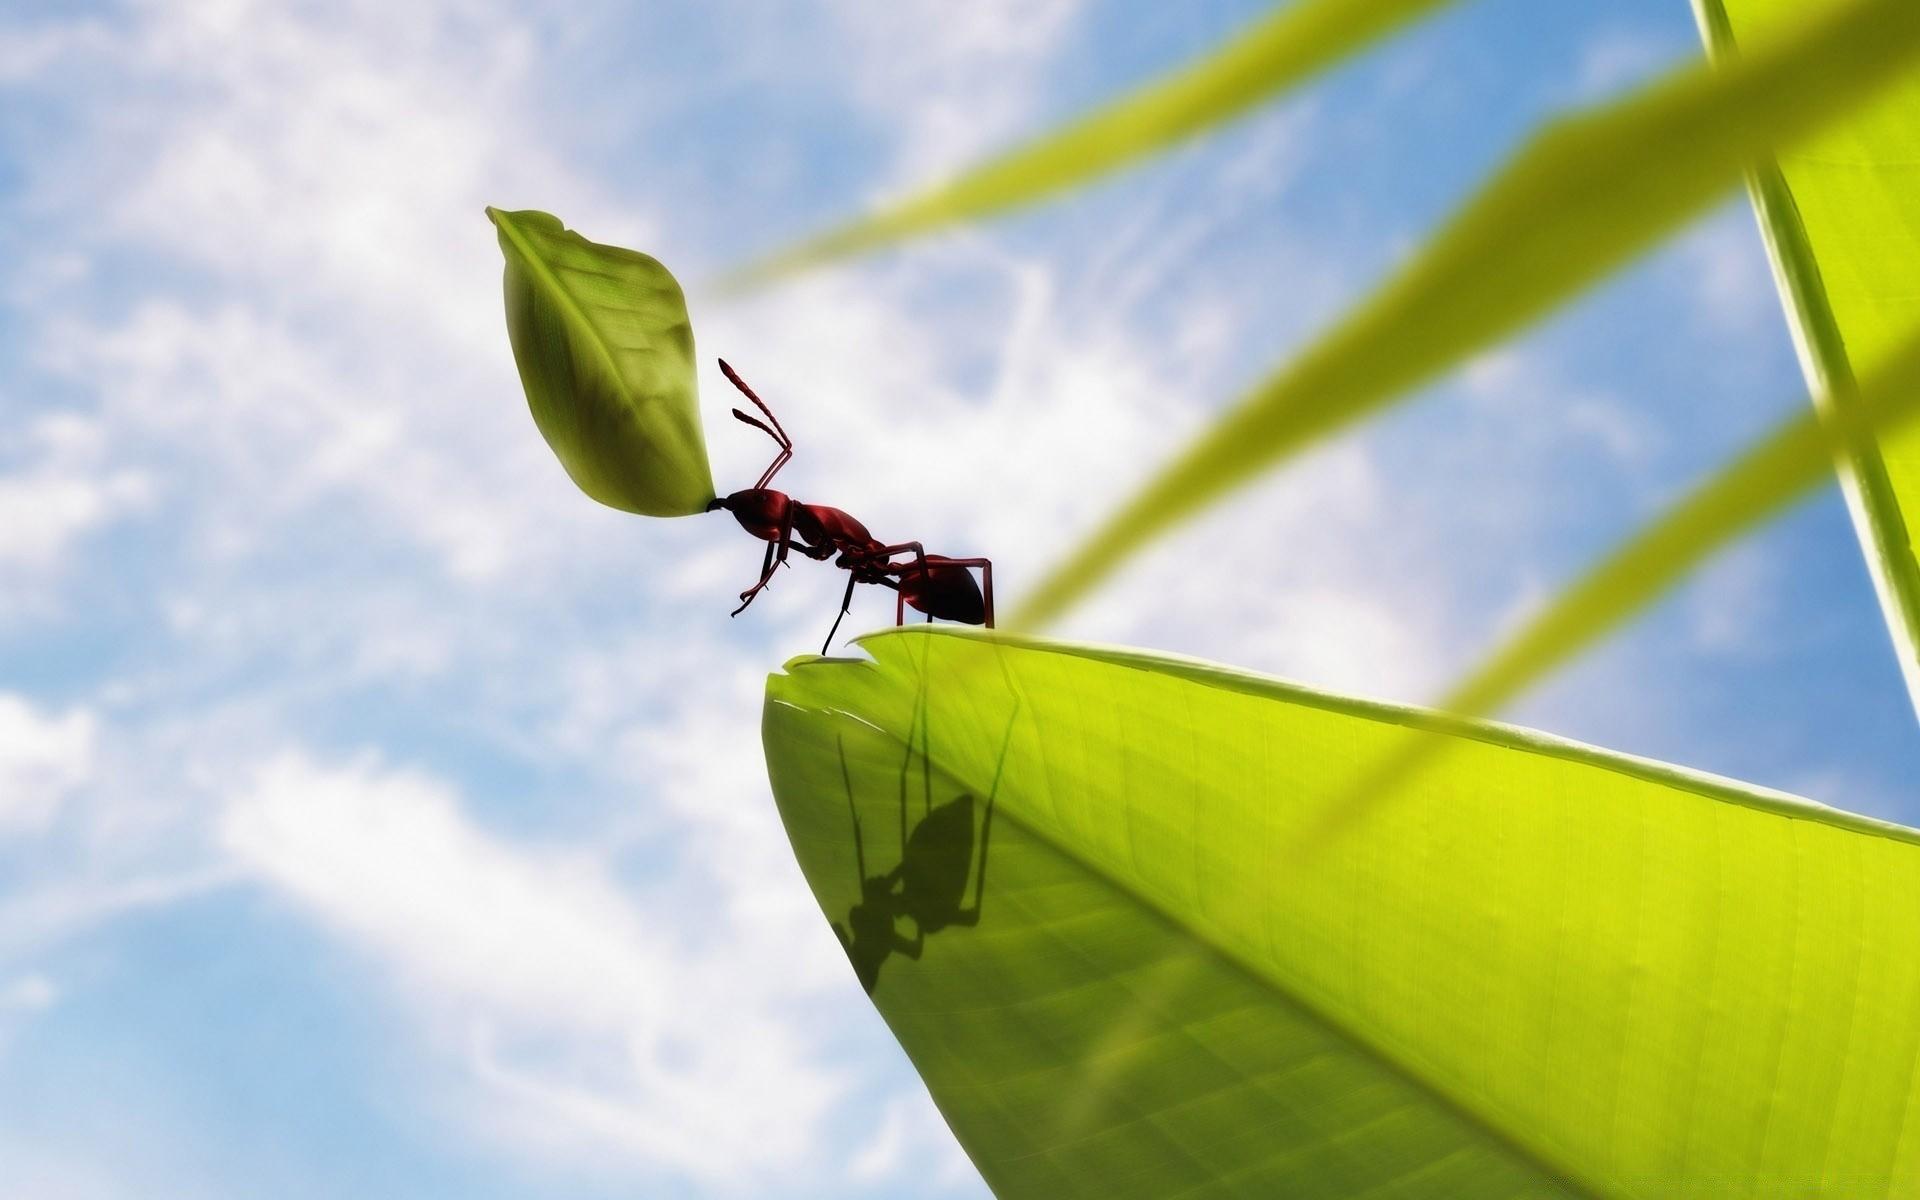 короля обои на рабочий стол муравей экологически чистого материала